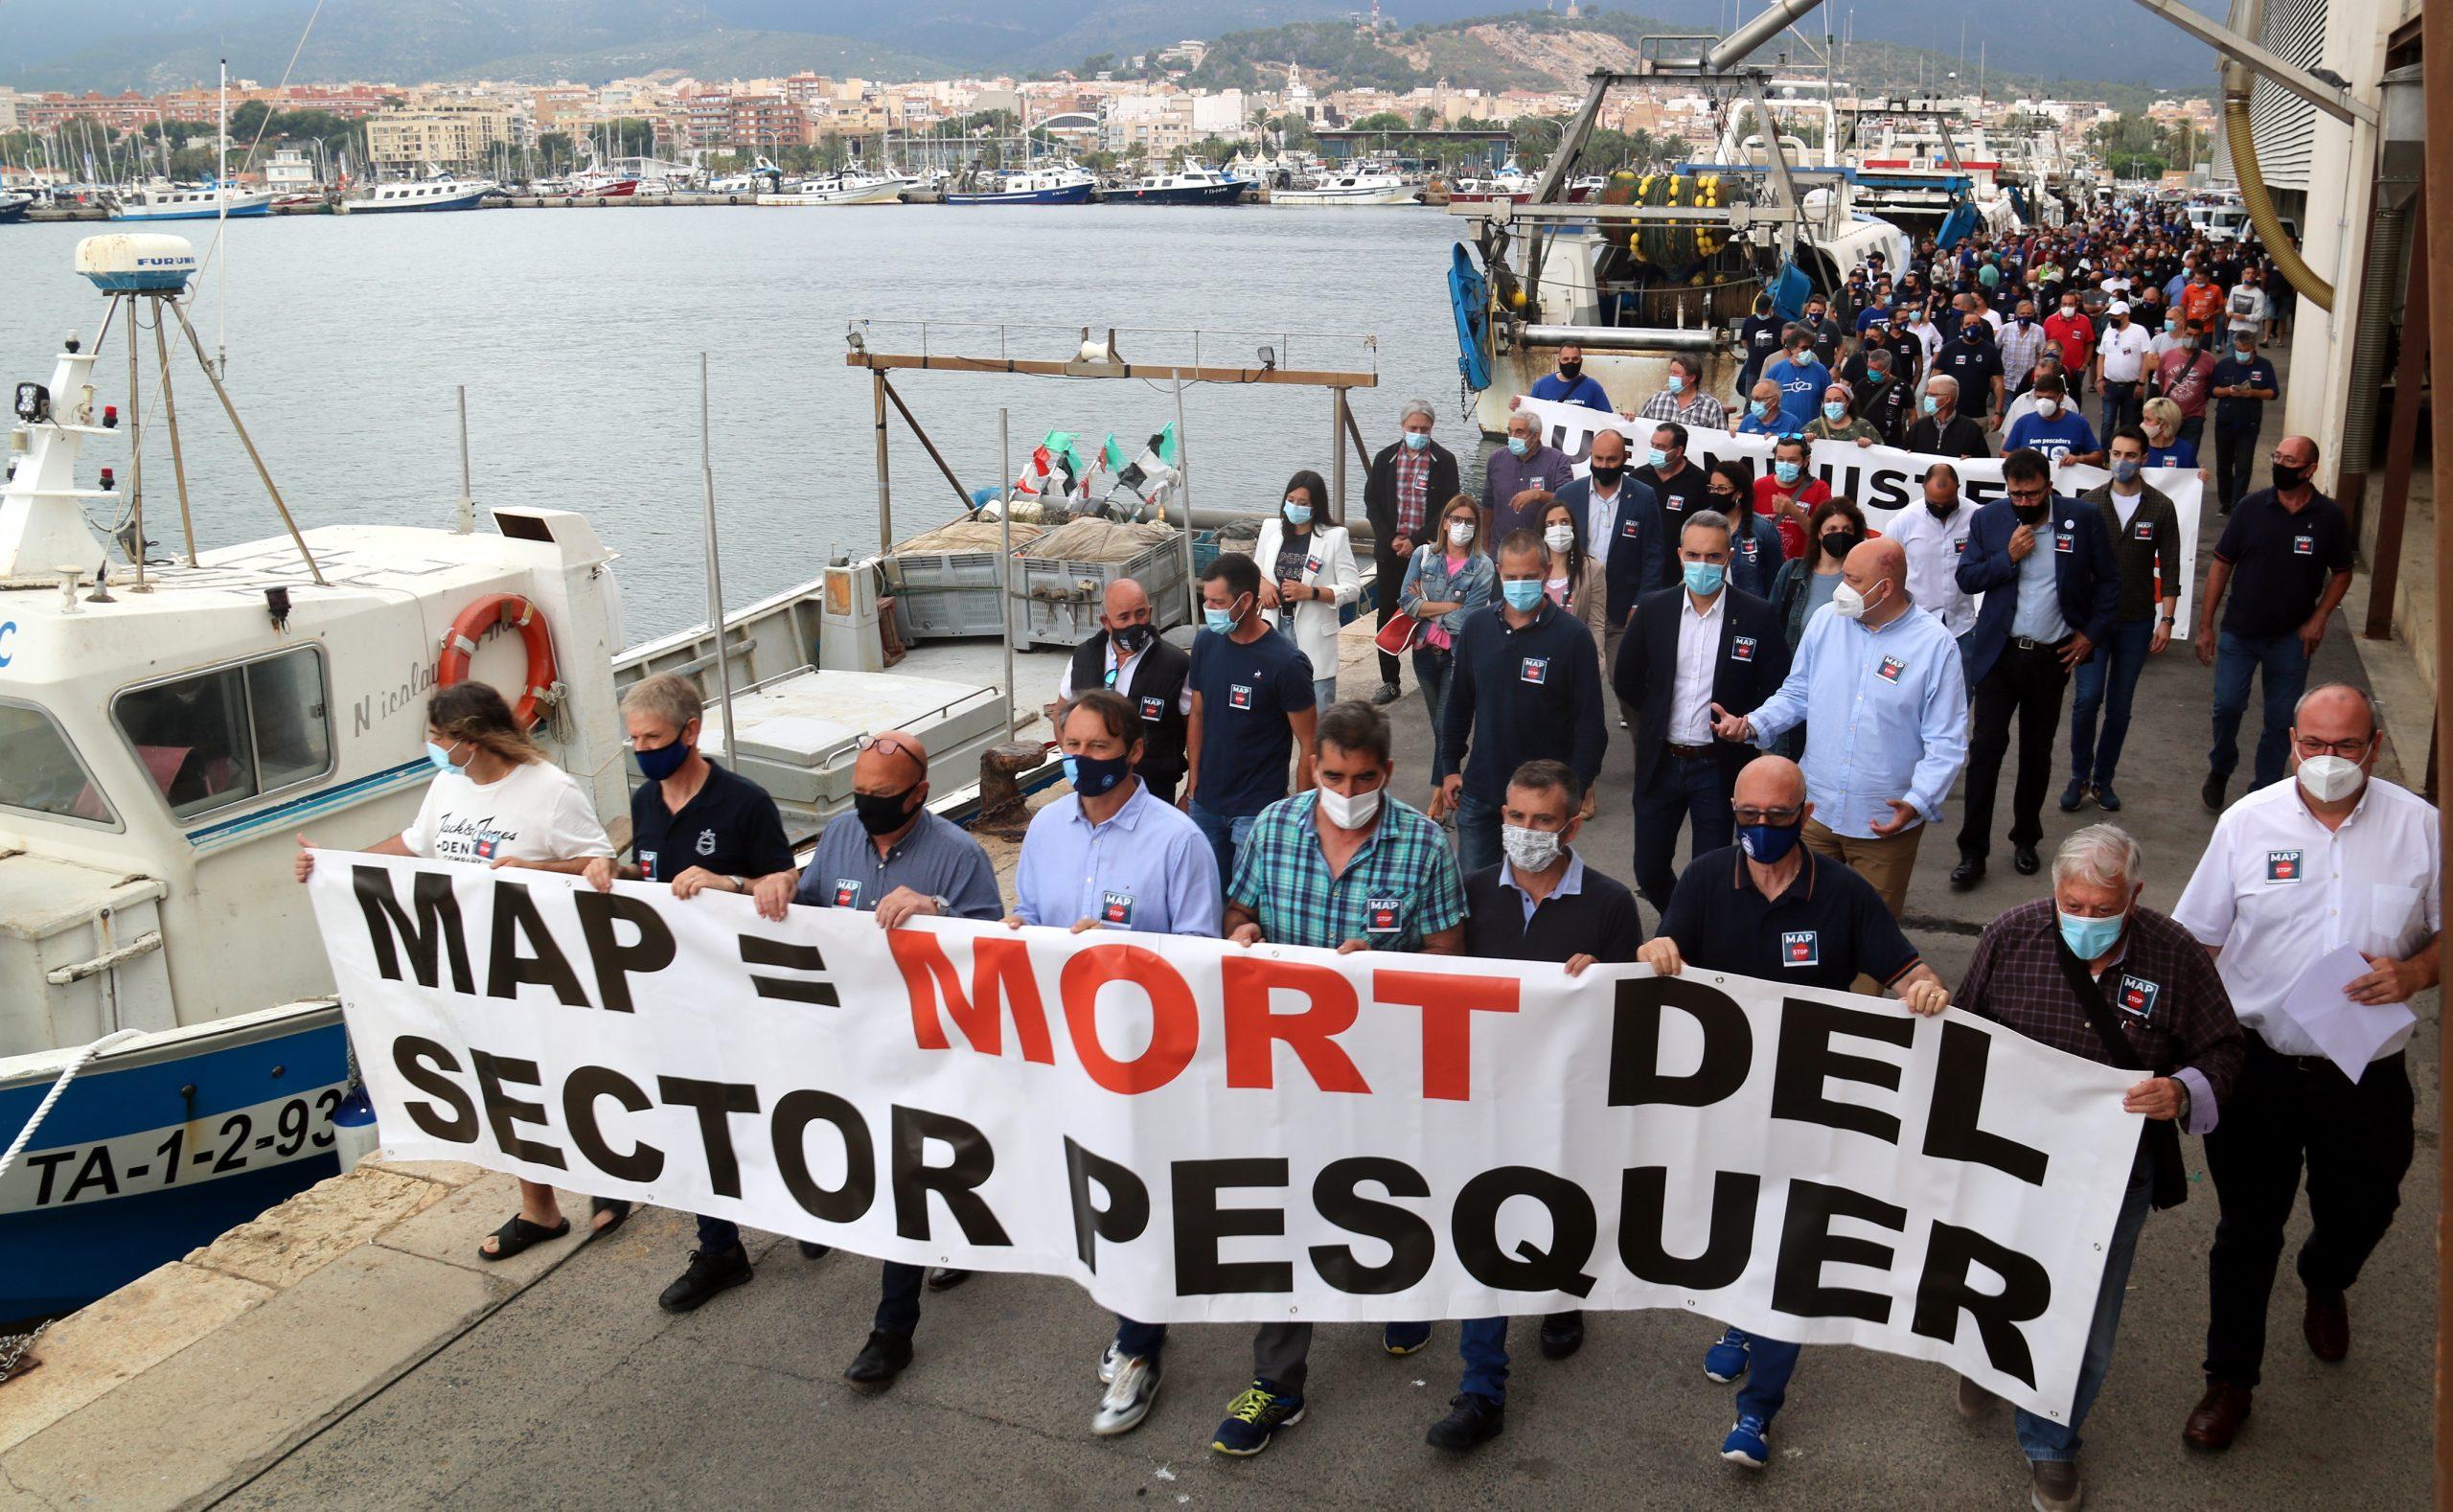 La manifestació del pescadors al port pesquer de Sant Carles de la Ràpita, per protestar contra la MAP que els augmenta els dies de veda biològica | ACN